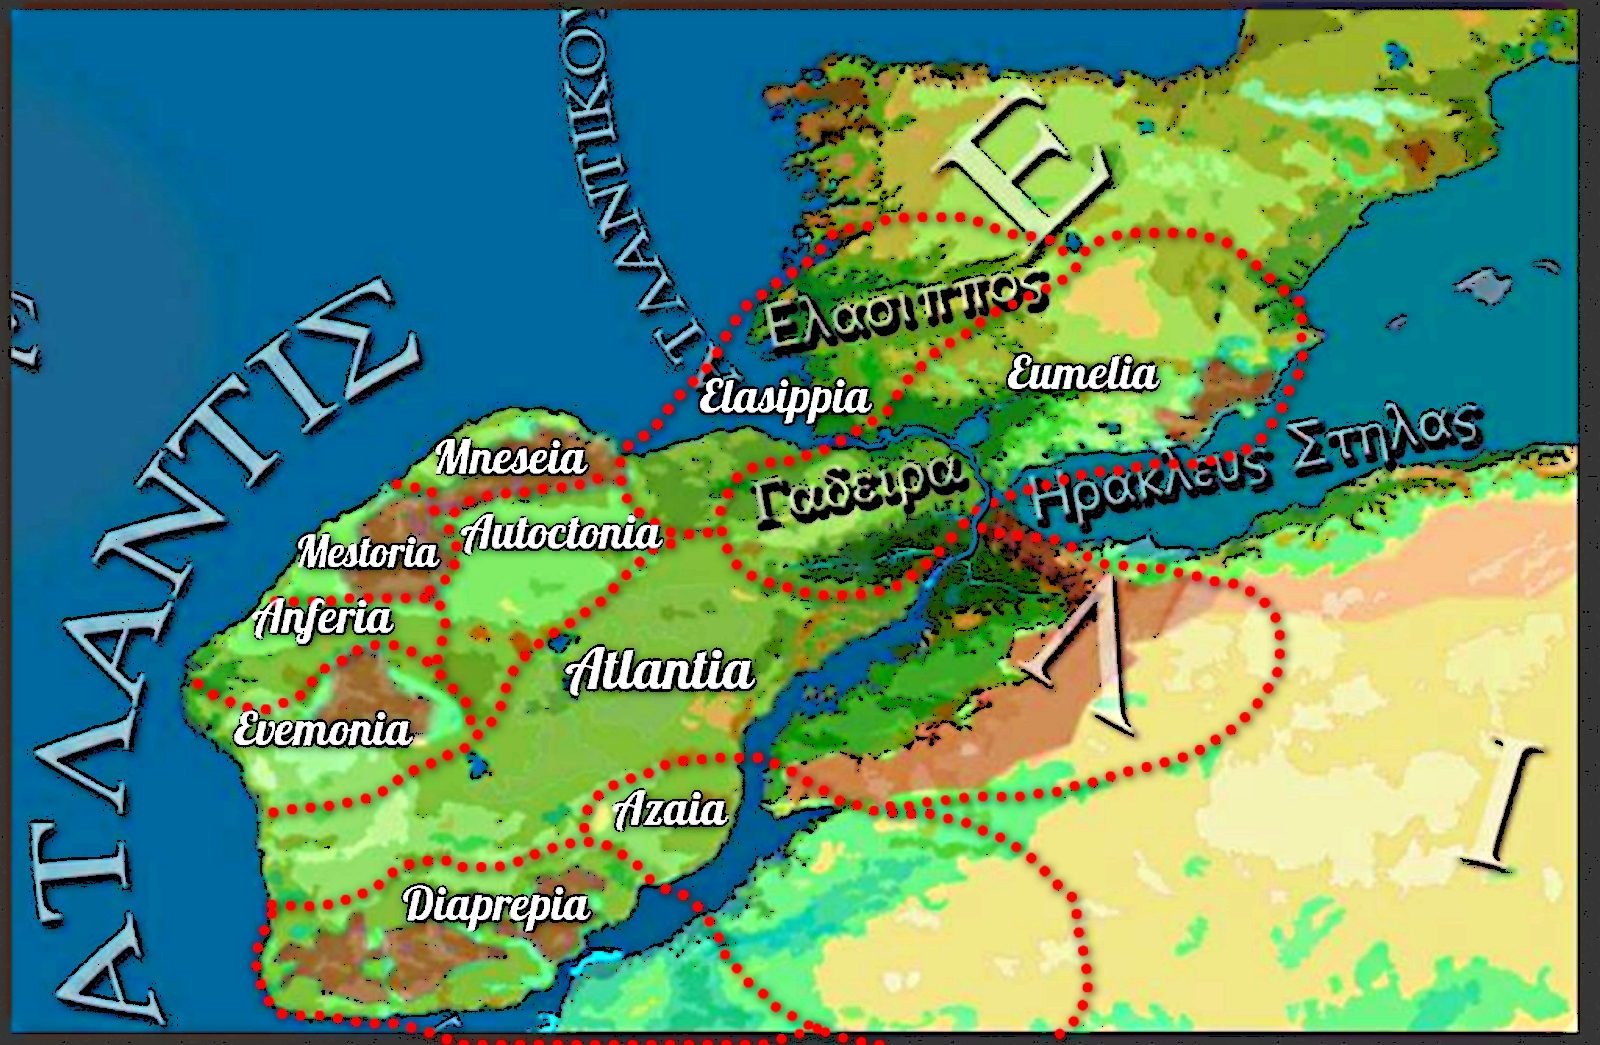 Reinos de la Isla Atlántida descrita en el Timeo y Critias de Platón - Reconstrucción Paleogeográfica basada solo en la descripción que los sacerdotes egipcios hicieron de la misma ante Solón, no en datos geológicos.